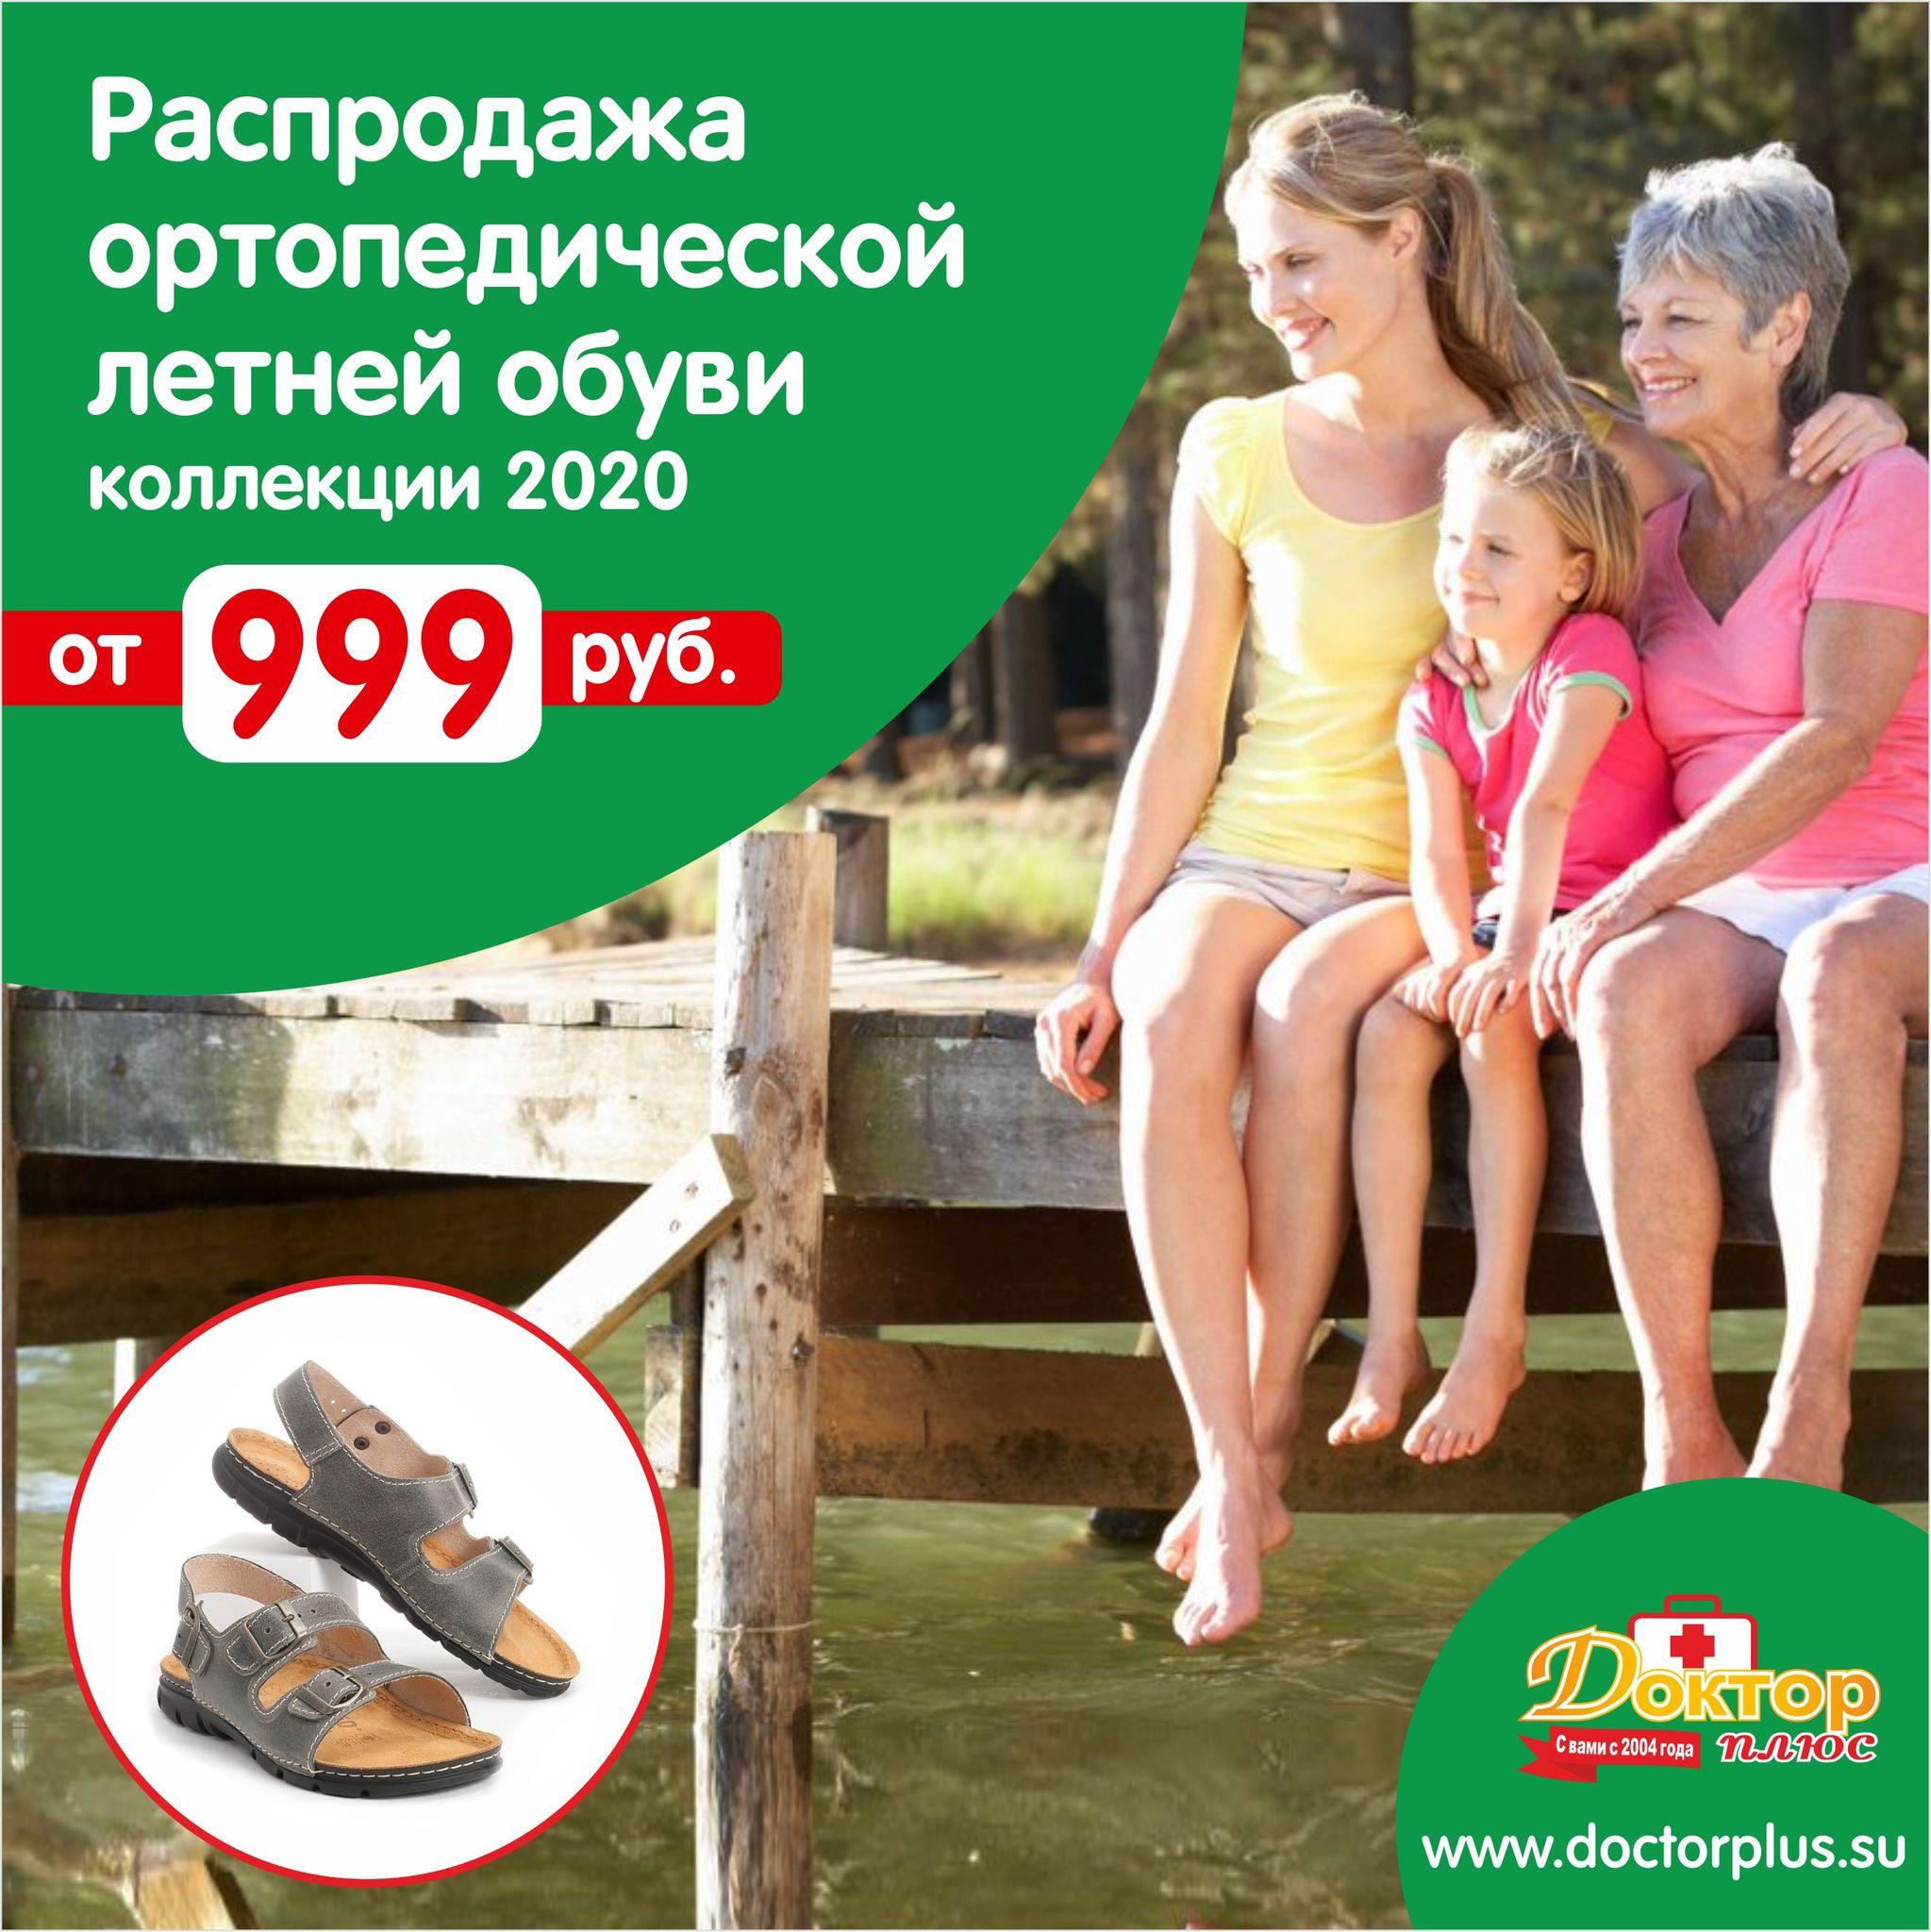 Распродажа ортопедической летней обуви!